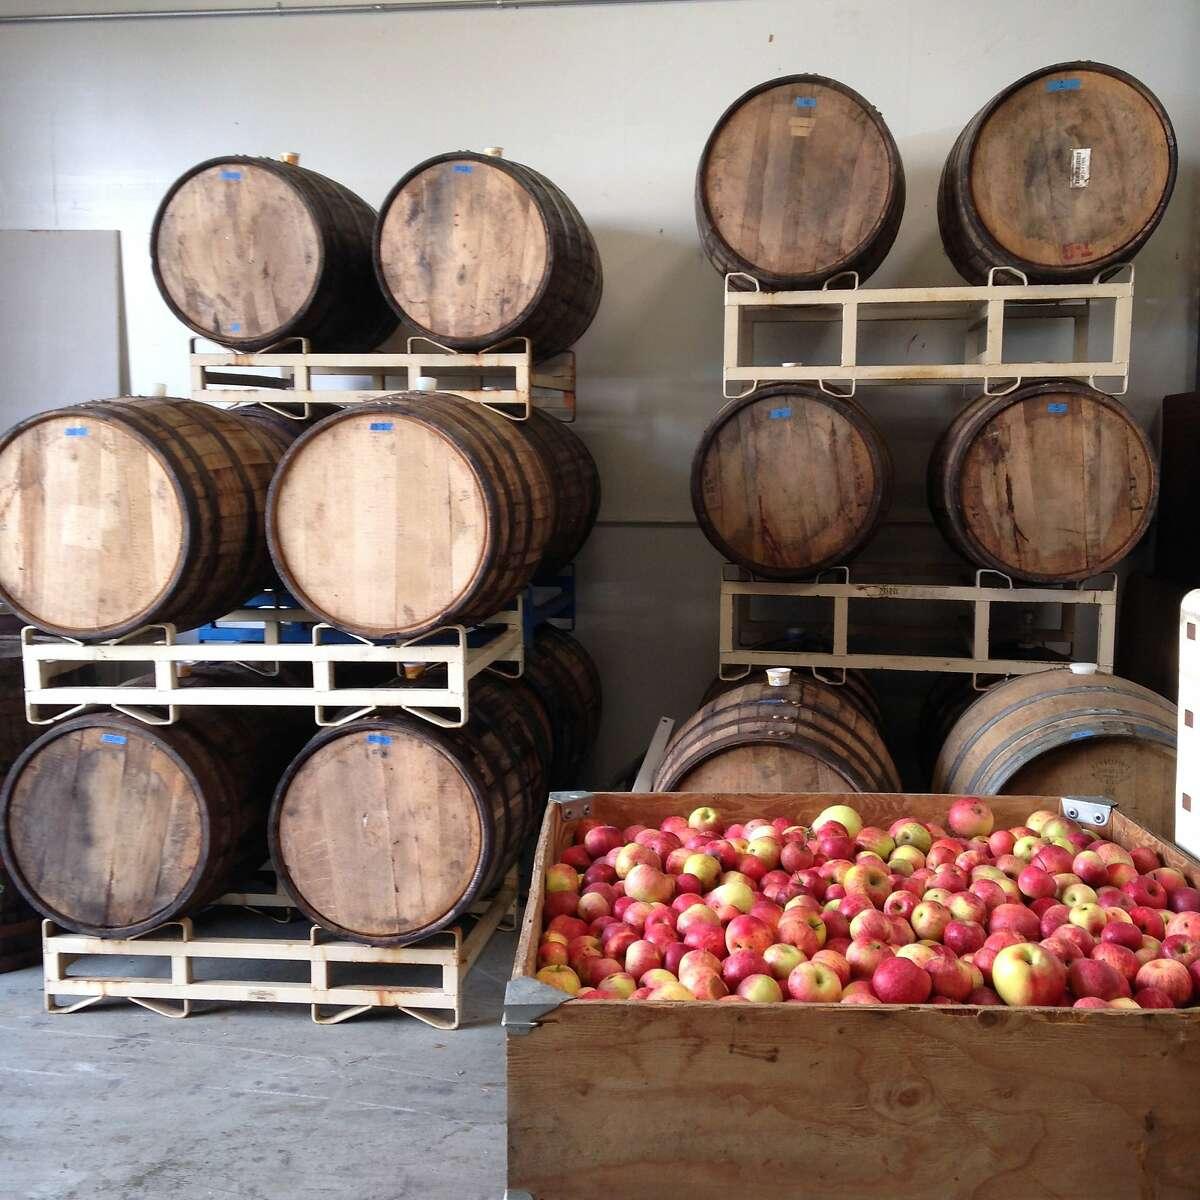 Barrels and apples at Tilted Shed Ciderworks.